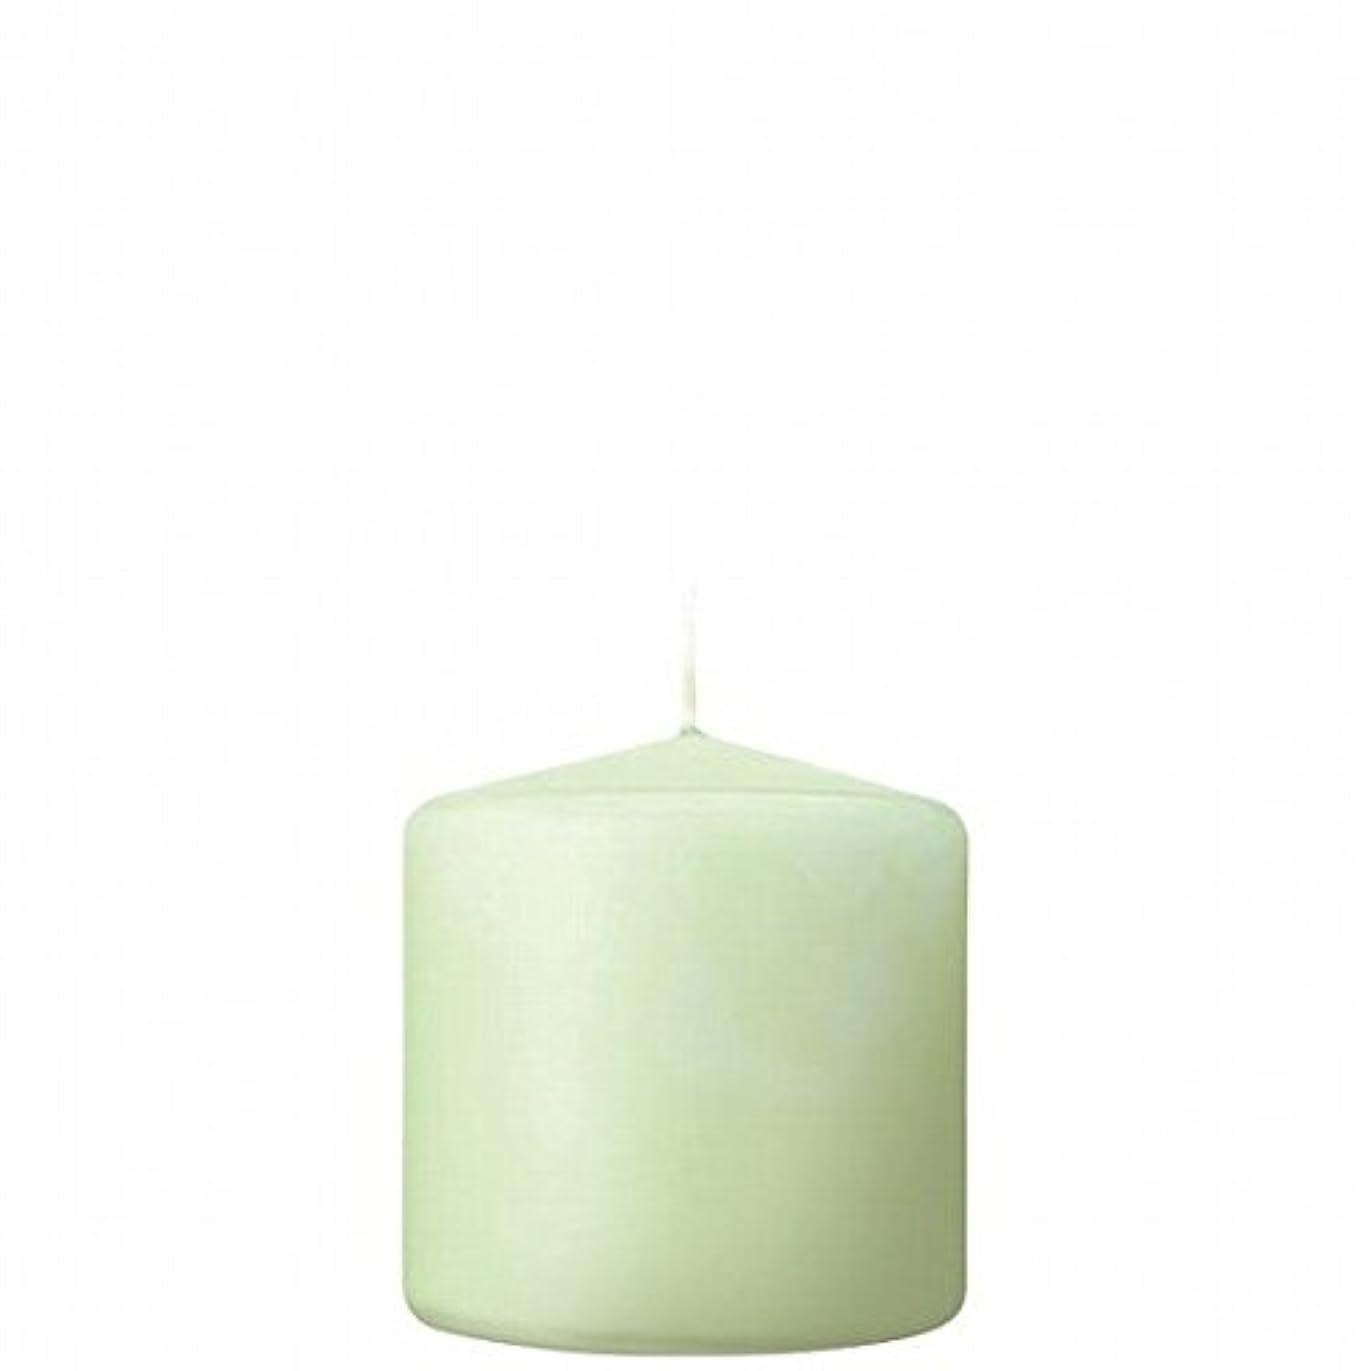 石の落胆する雪kameyama candle(カメヤマキャンドル) 3×3ベルトップピラーキャンドル 「 ホワイトグリーン 」(A9730000WG)